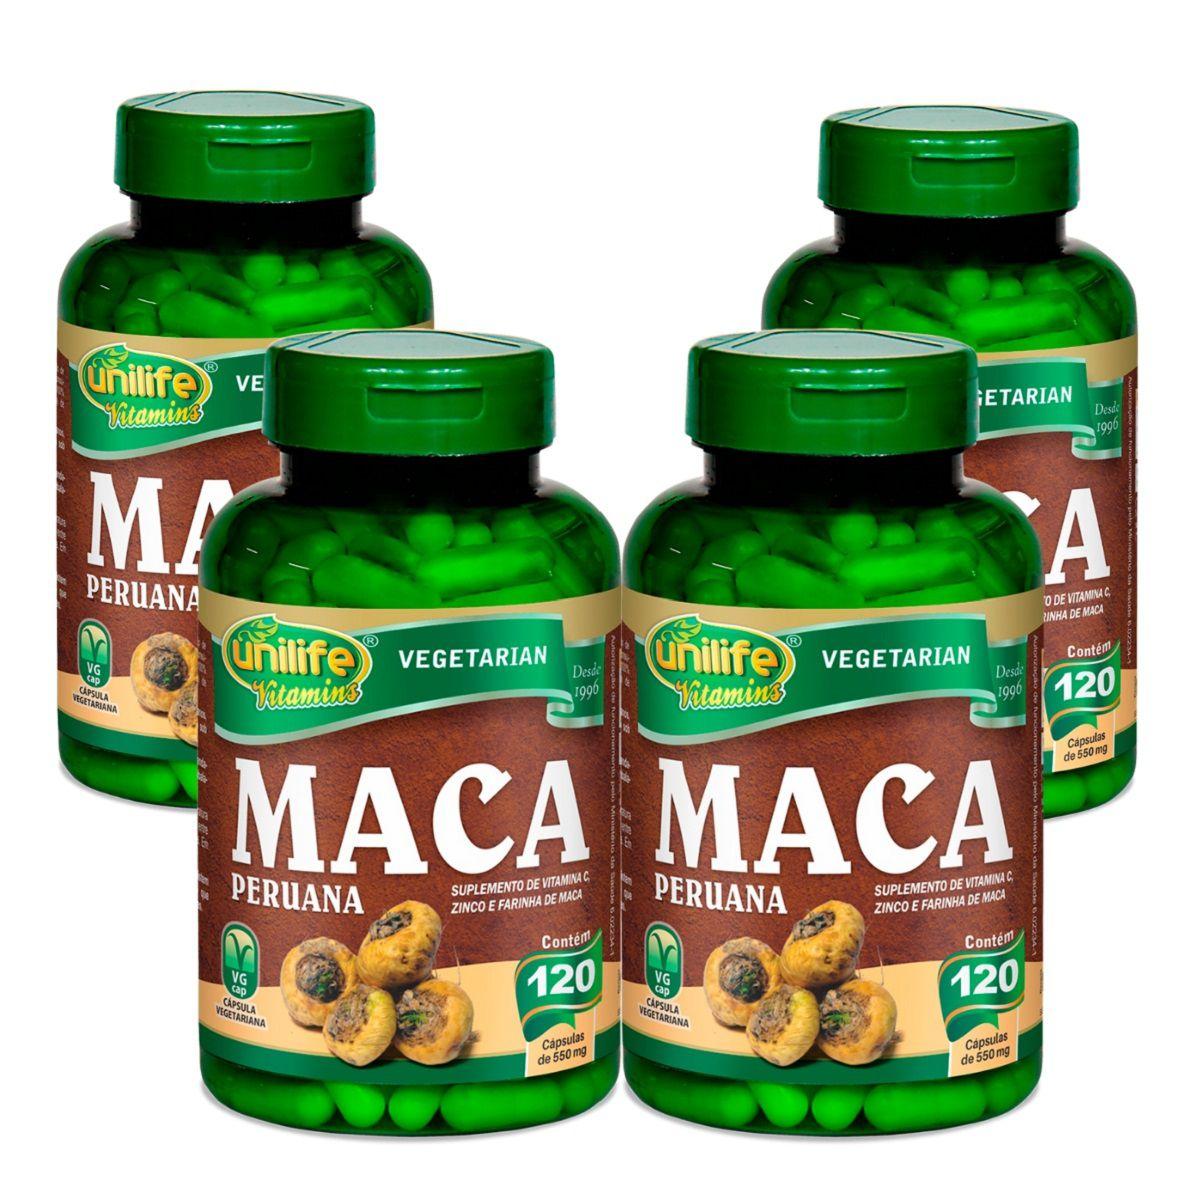 Kit 4 Maca Peruana C/ Vitaminas - Unilife 500mg 120 Cápsulas